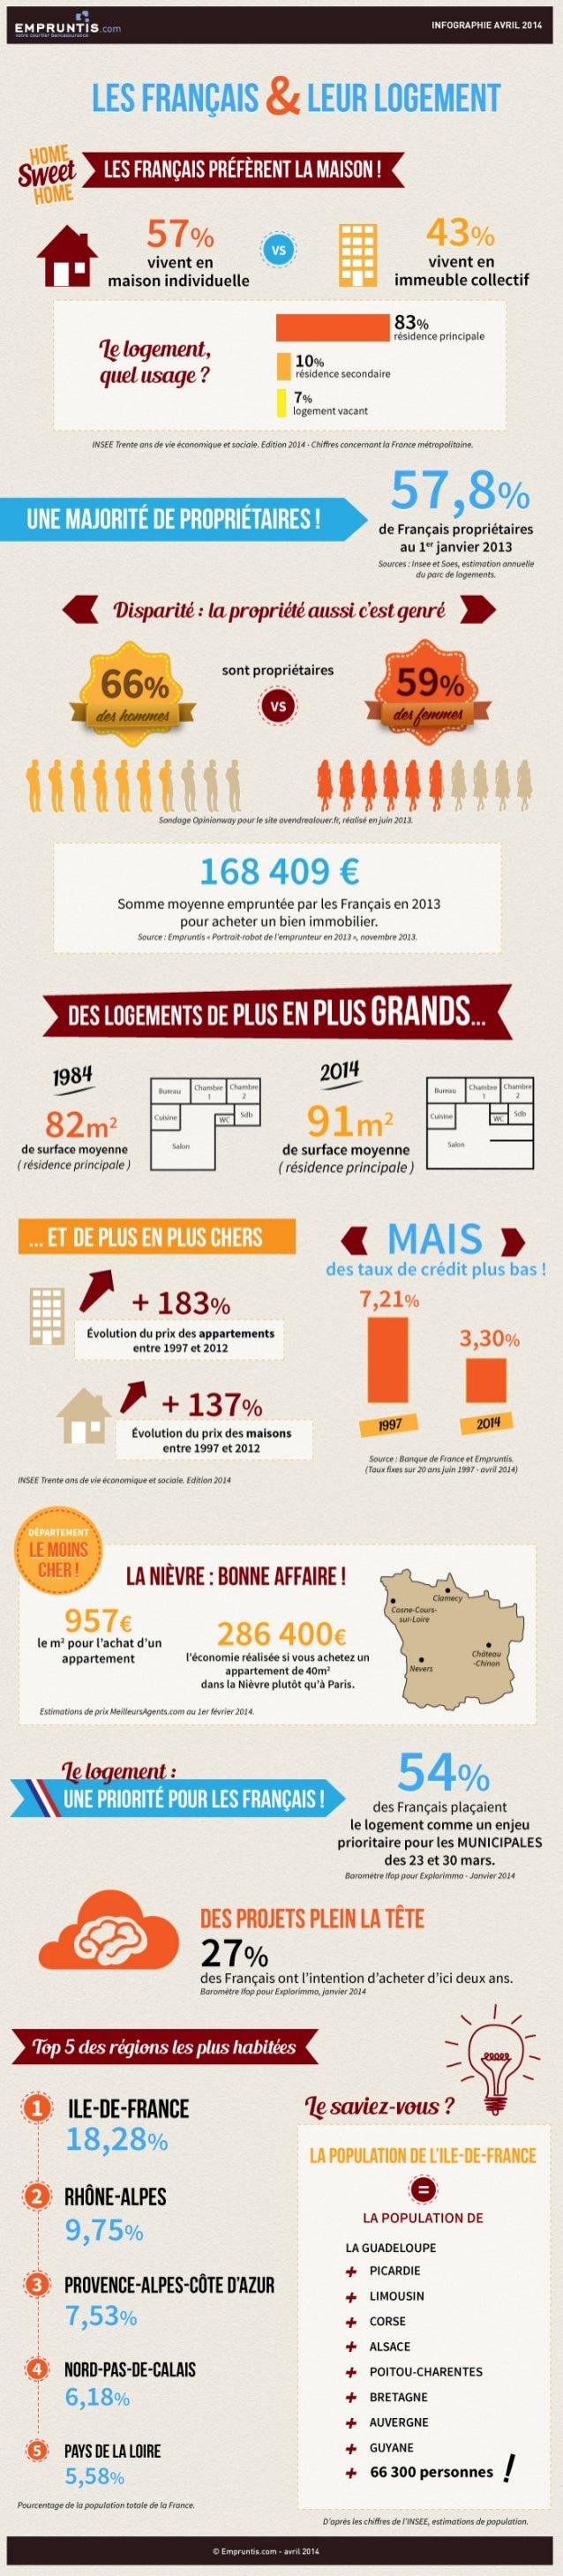 Les Français et leur logement